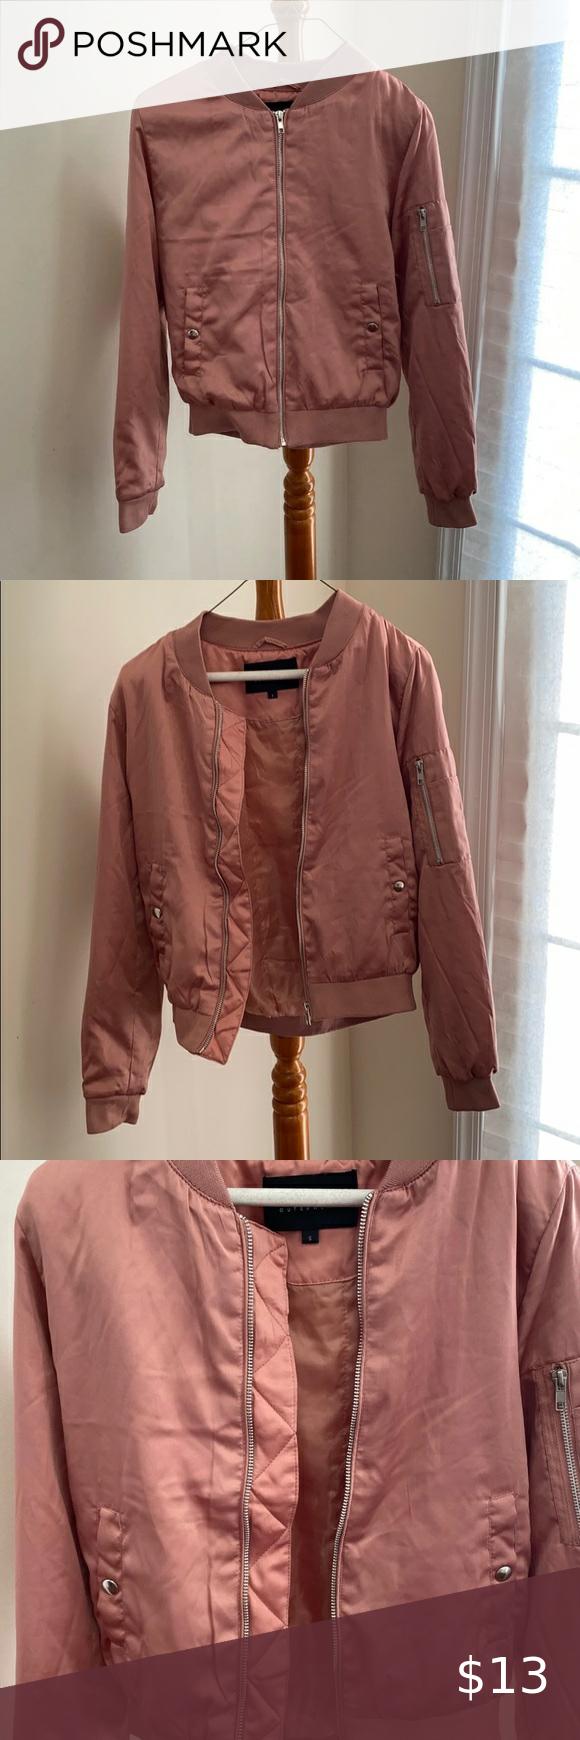 Pink Rose Gold Bomber Jacket Rose Gold Bomber Jacket Gold Bomber Jacket Pink Bomber Jacket [ 1740 x 580 Pixel ]